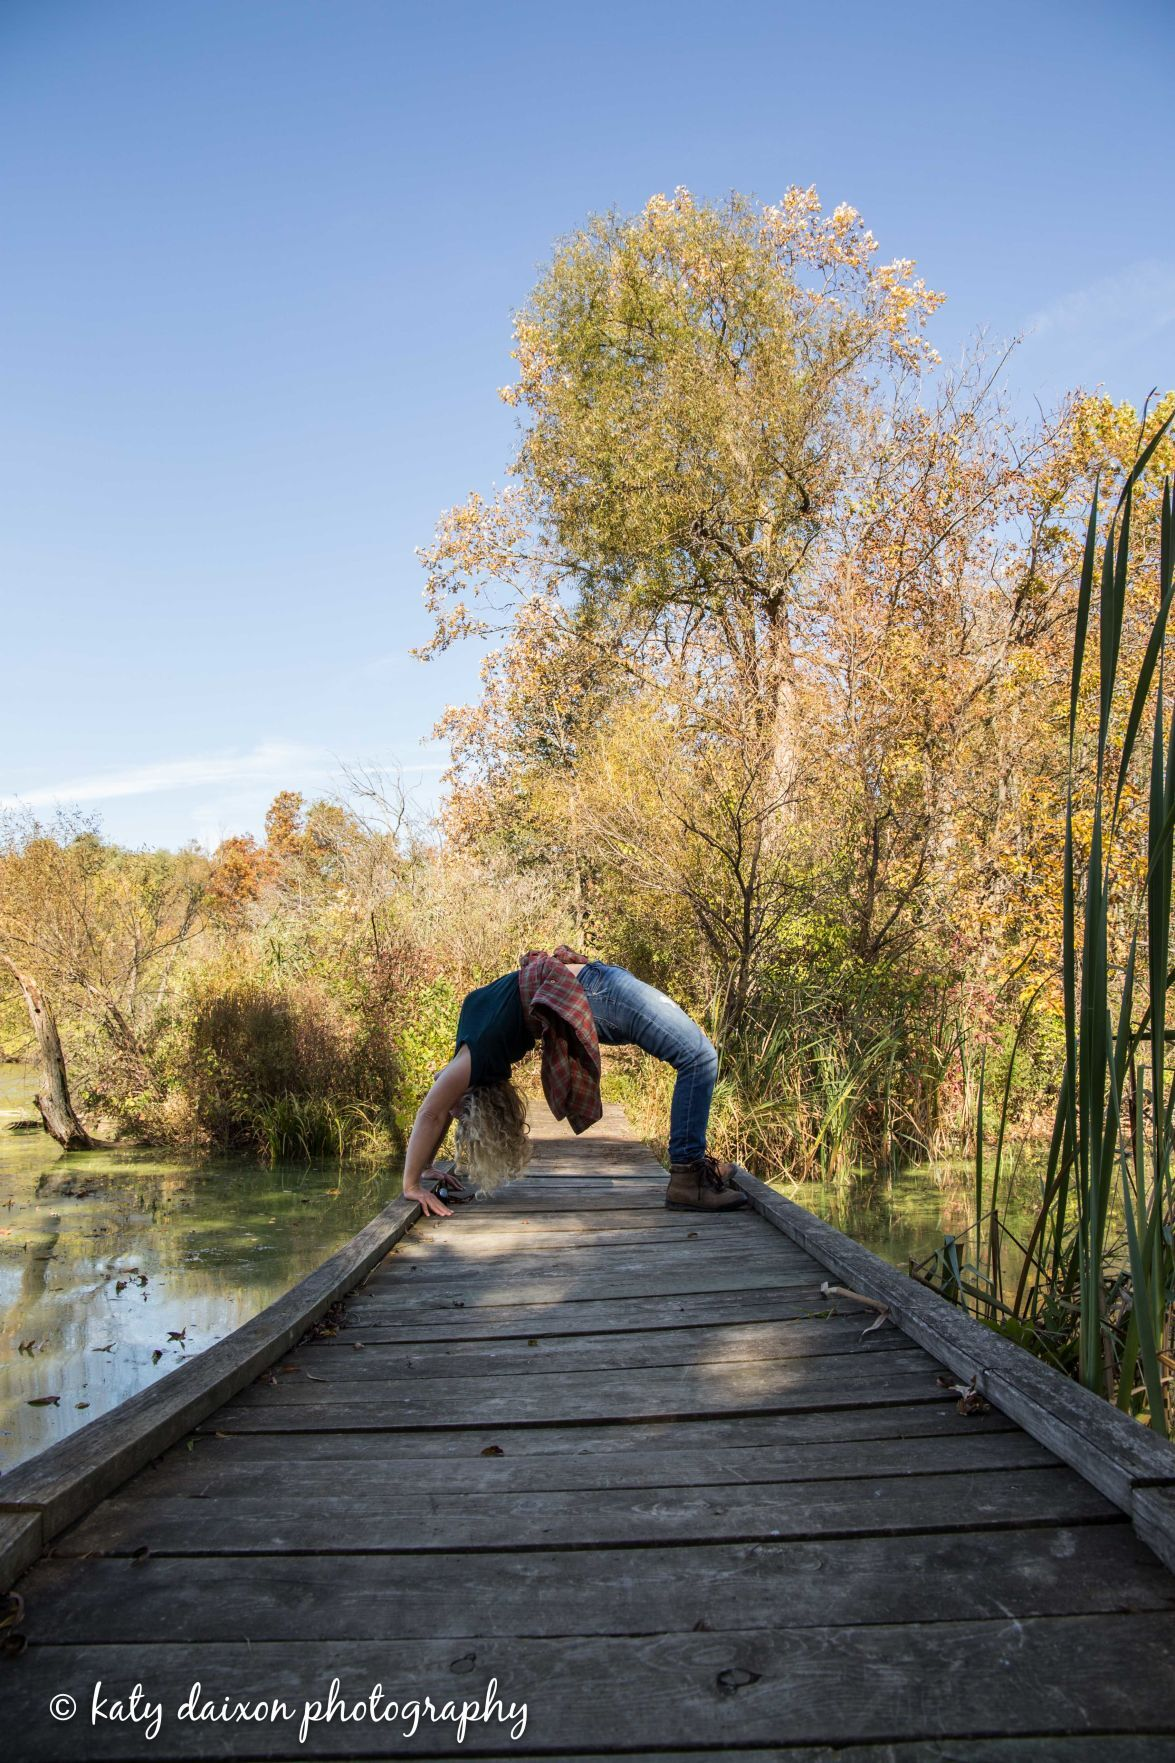 backbend the center yoga